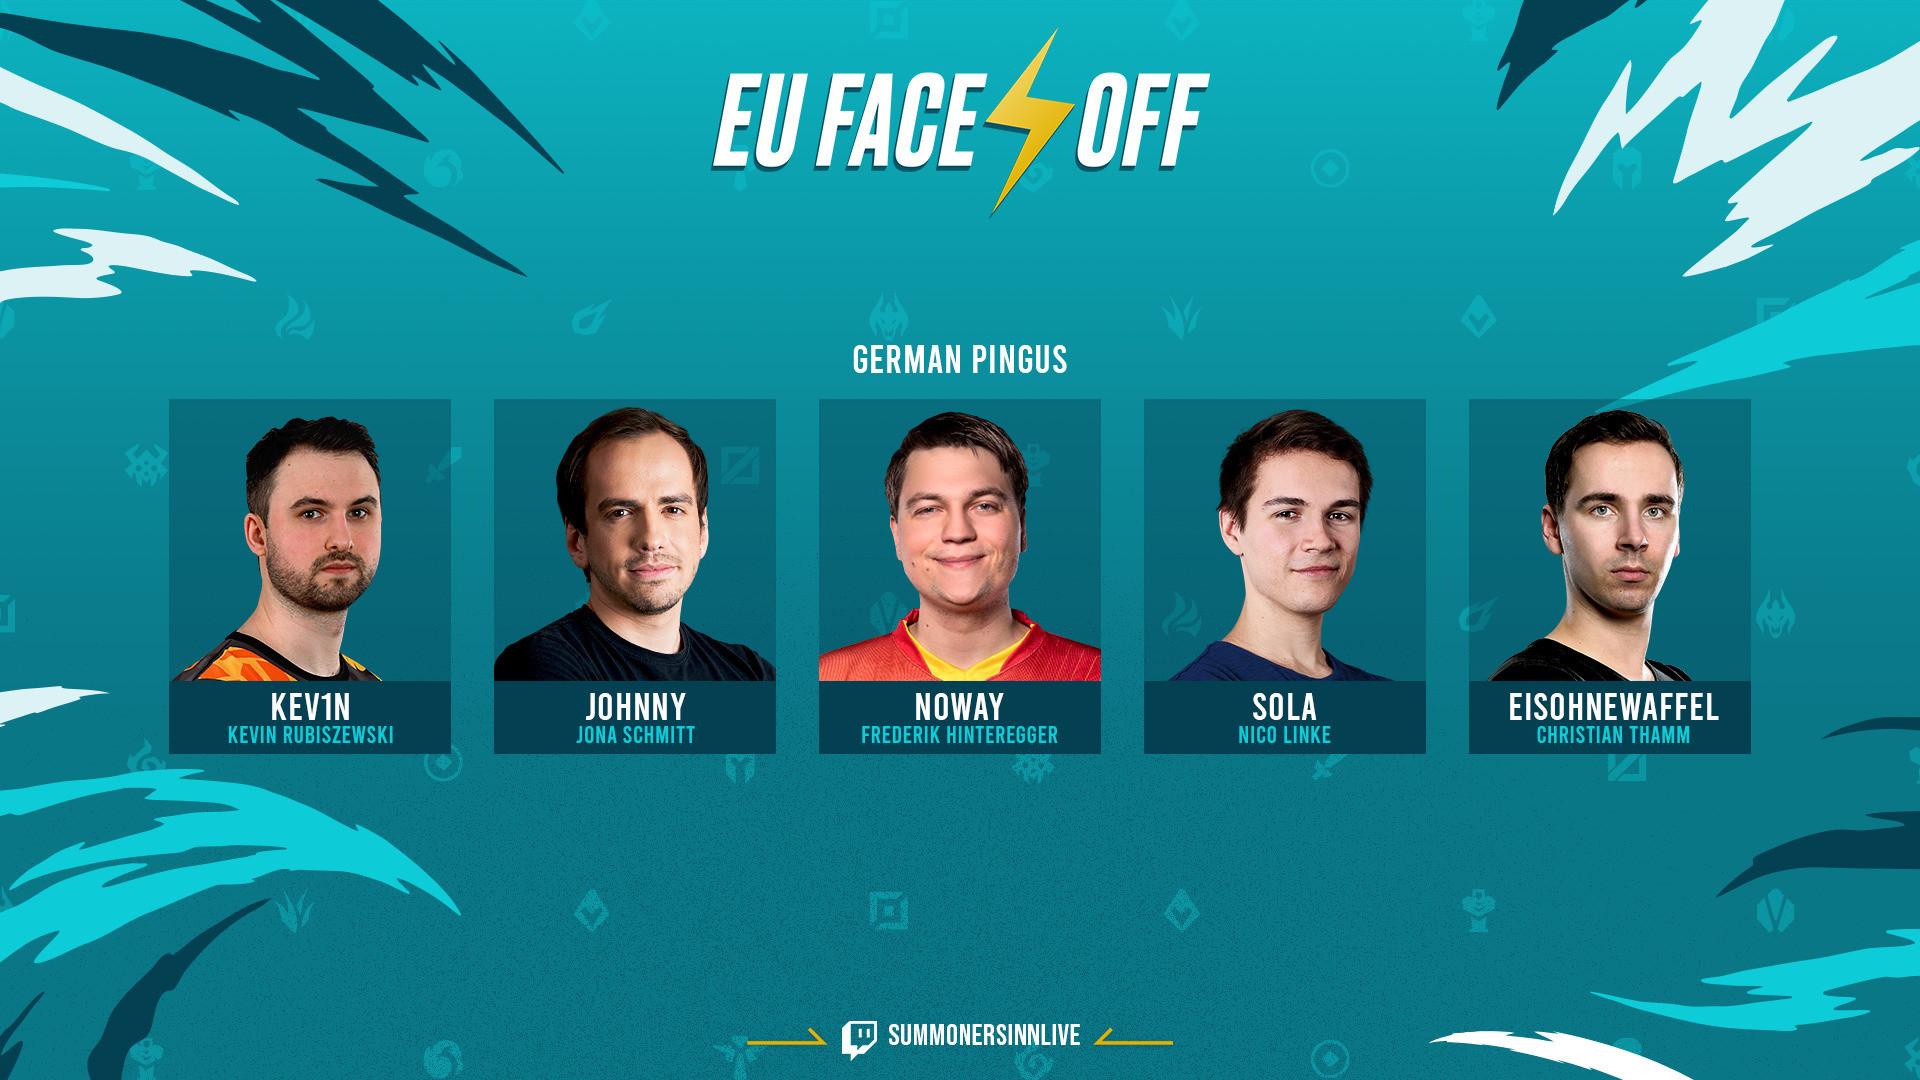 Fast-Comeback reicht aus: German Pingus im Halbfinale